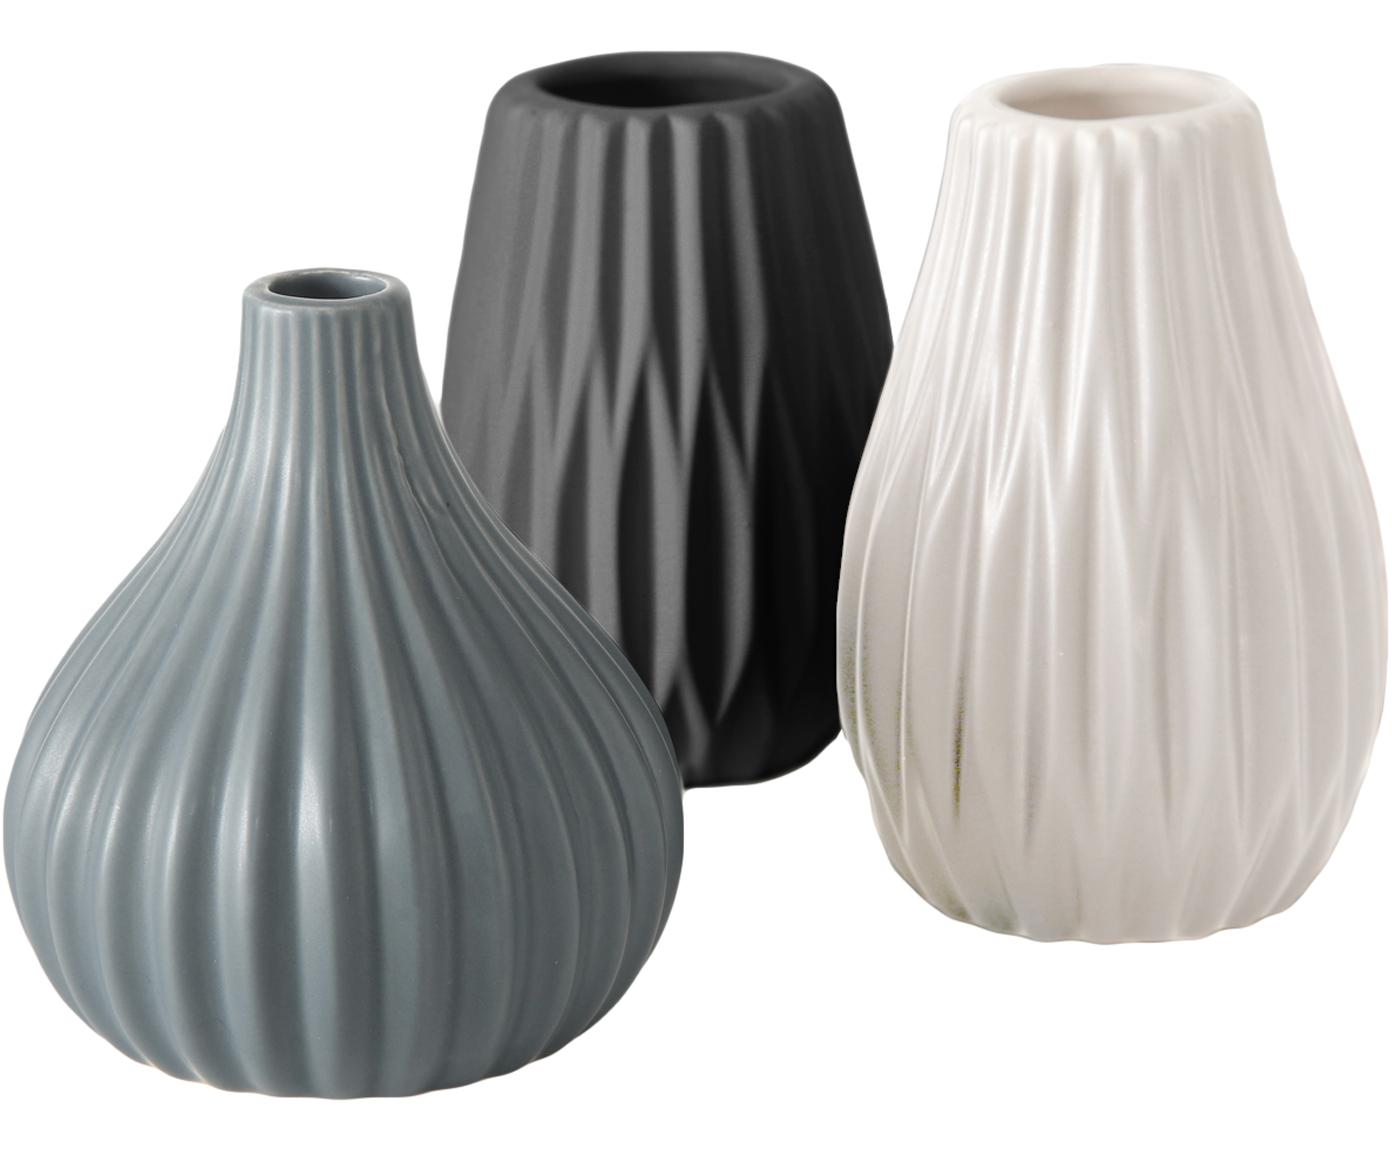 Kleines Vasen-Set Wilma aus Steingut, 3-tlg., Steingut, Blau, Schwarz, Weiss, Ø 9 x H 11 cm